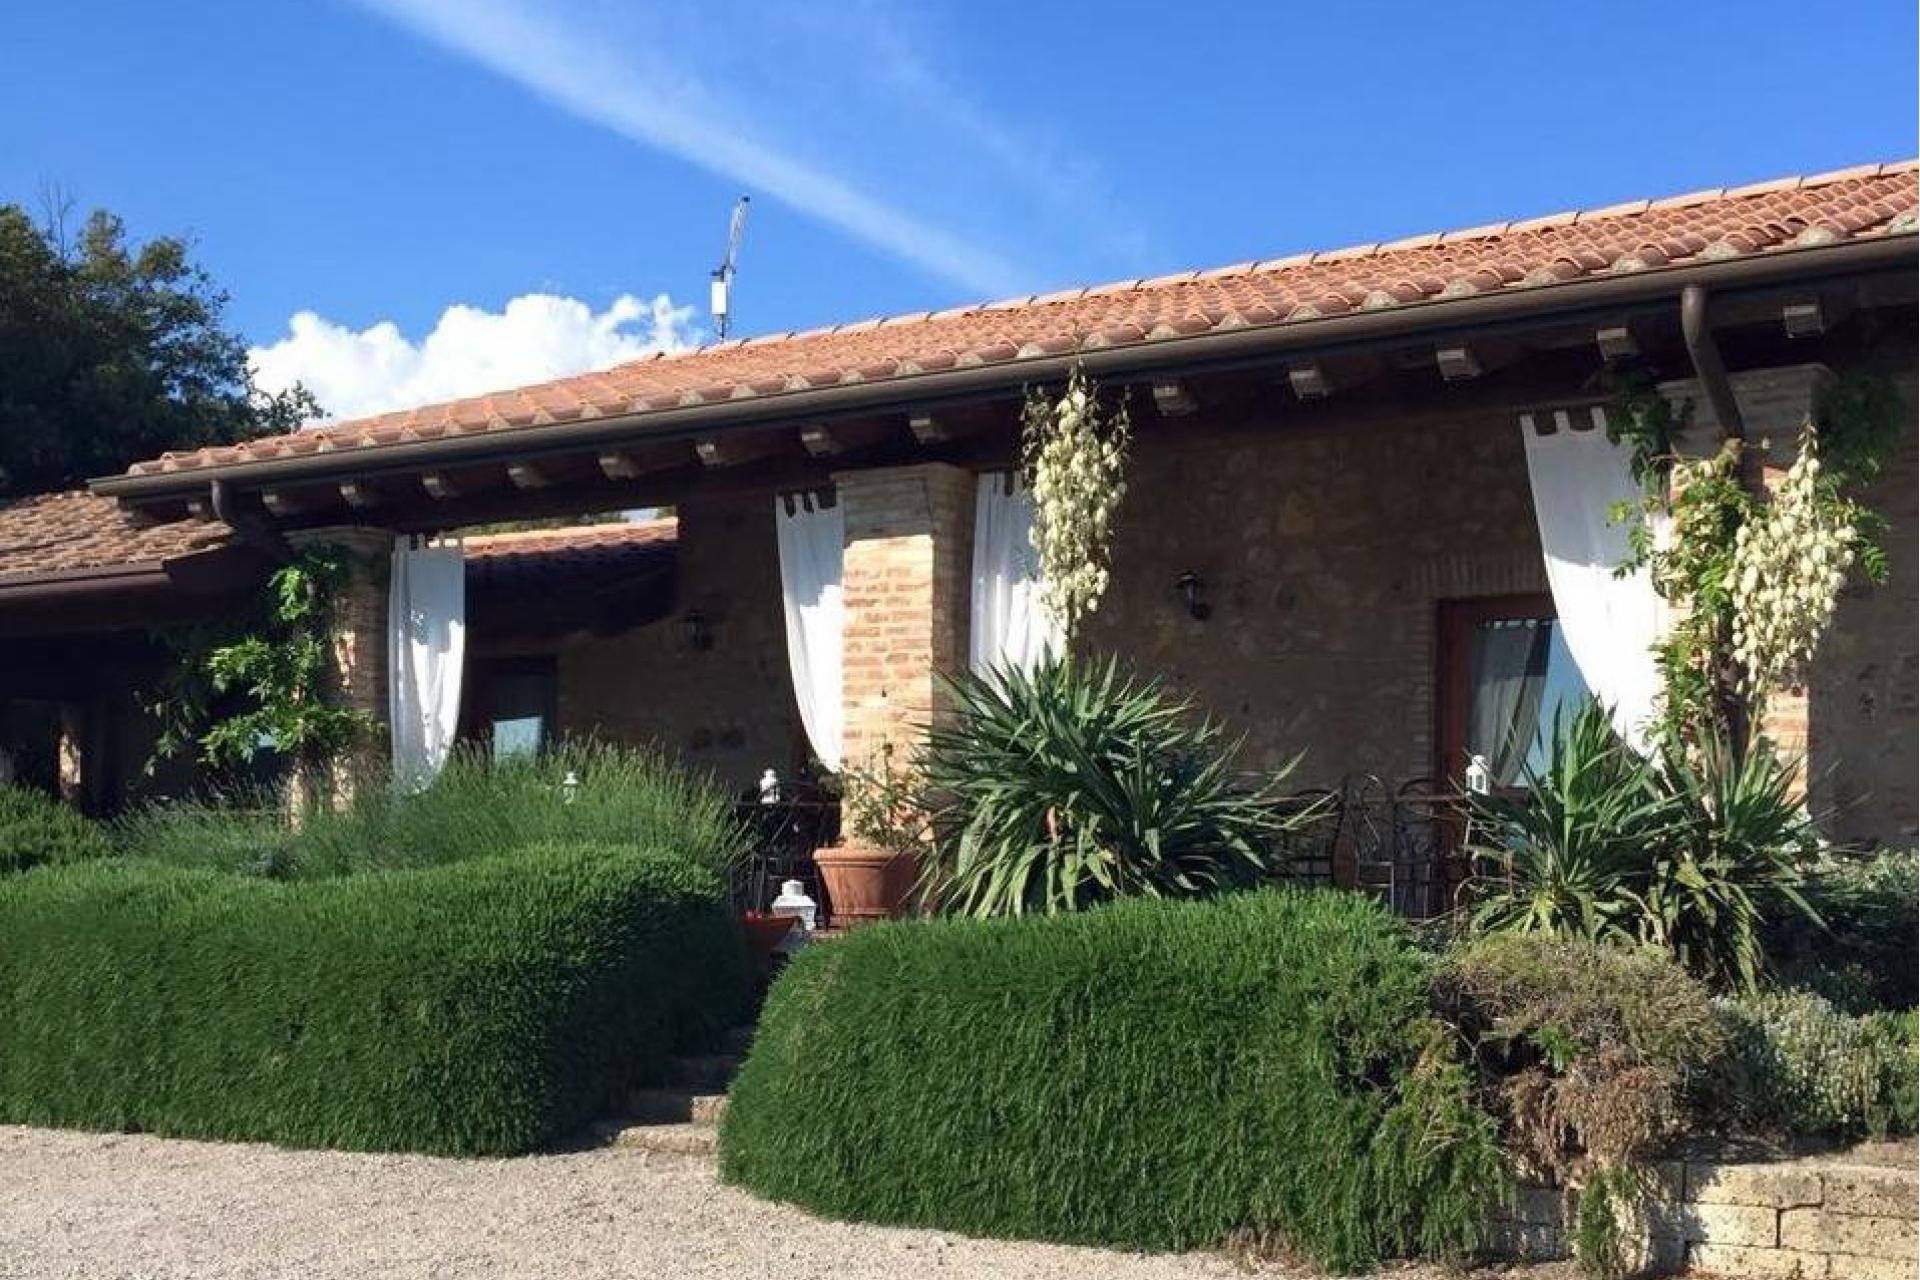 Agriturismo Toskana Kleiner Ferienhof in den Hügeln der Toskana